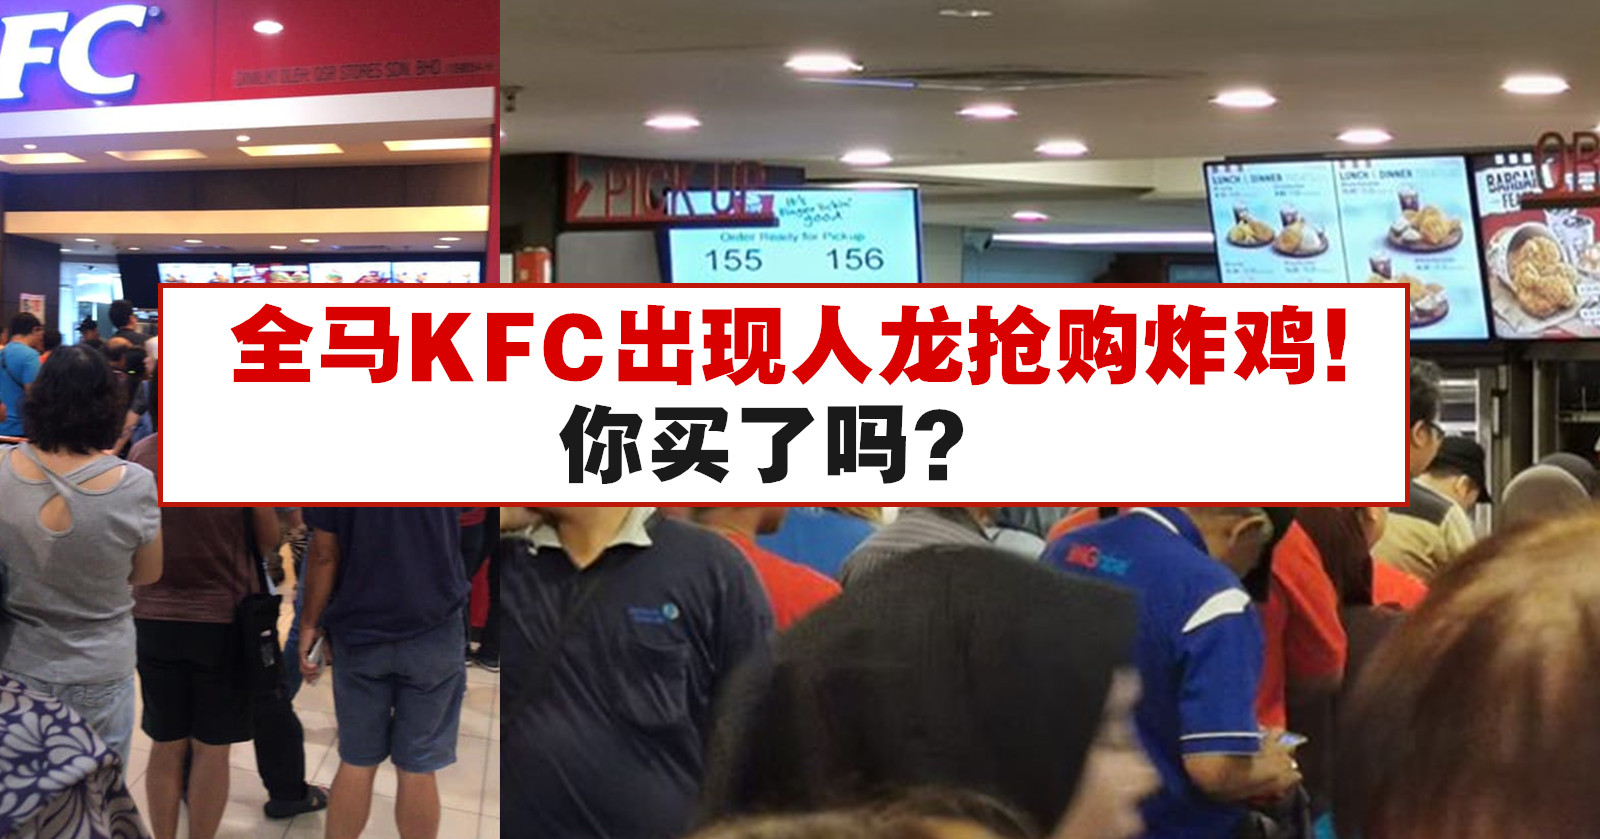 全马KFC出现人龙抢购炸鸡!